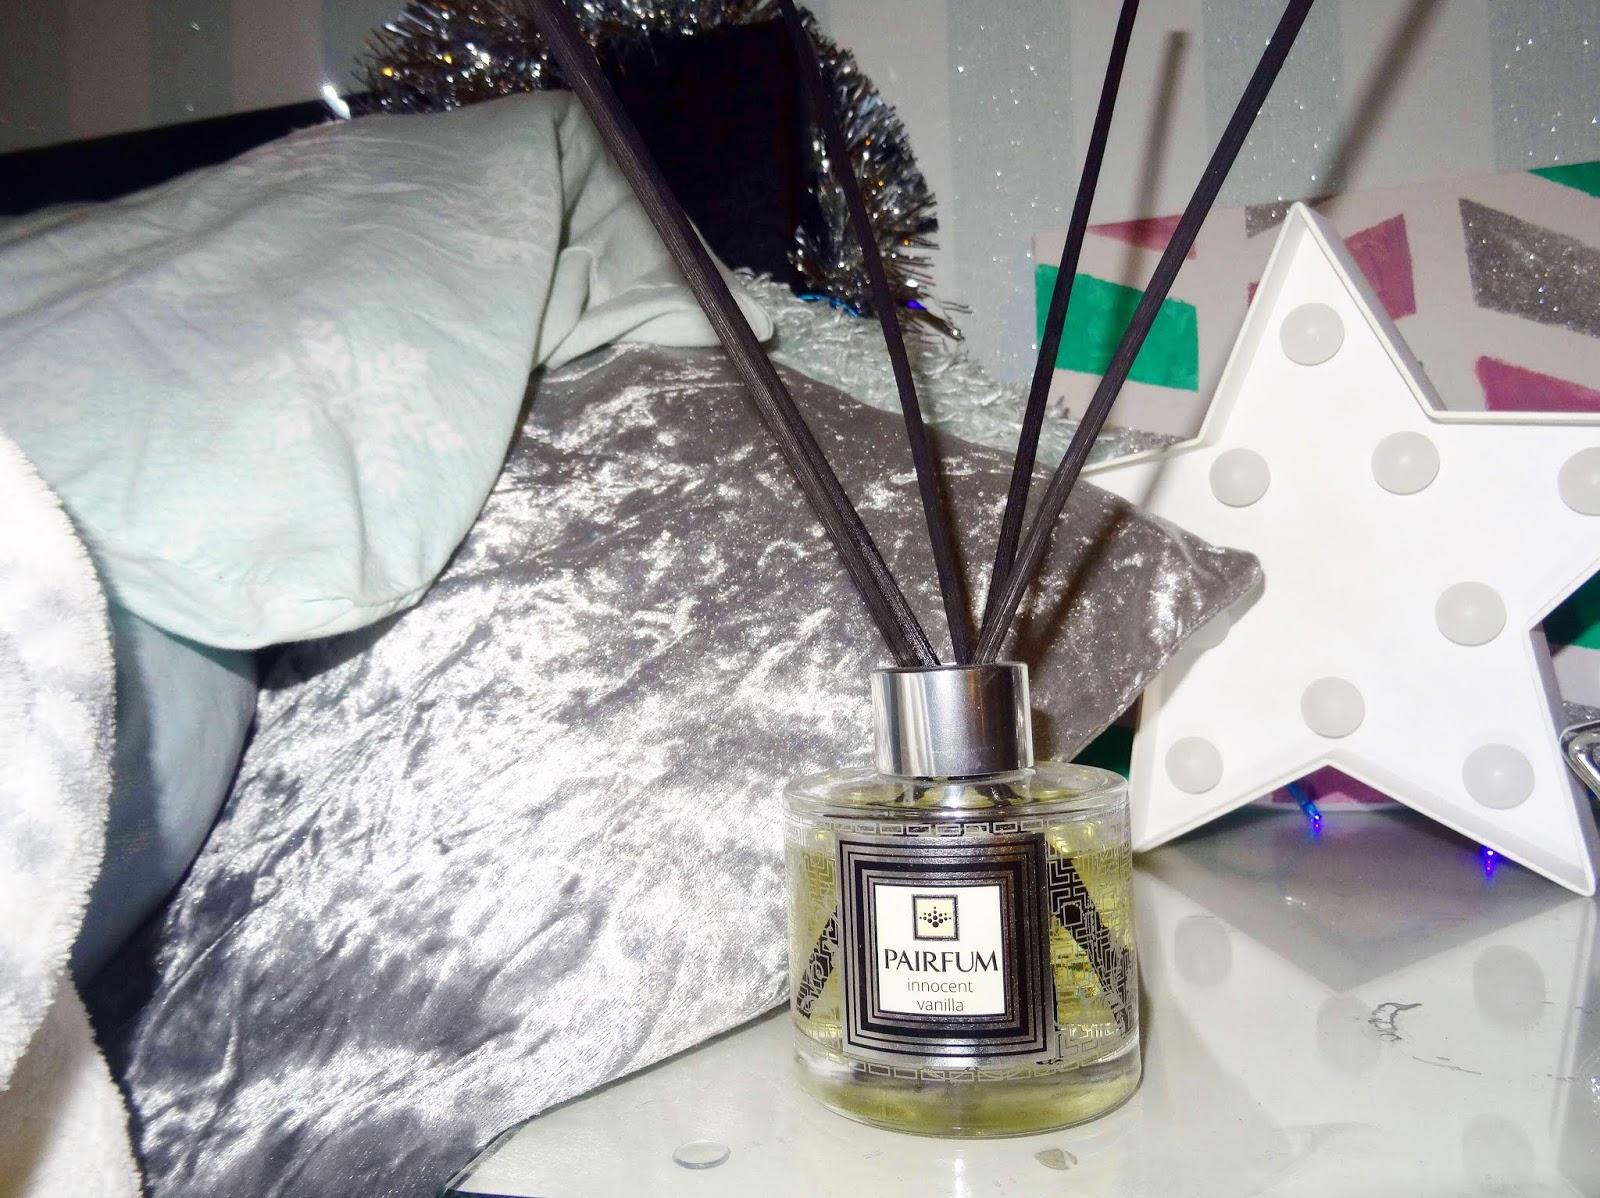 Pairfum's Reed Diffuser in Innocent Vanilla